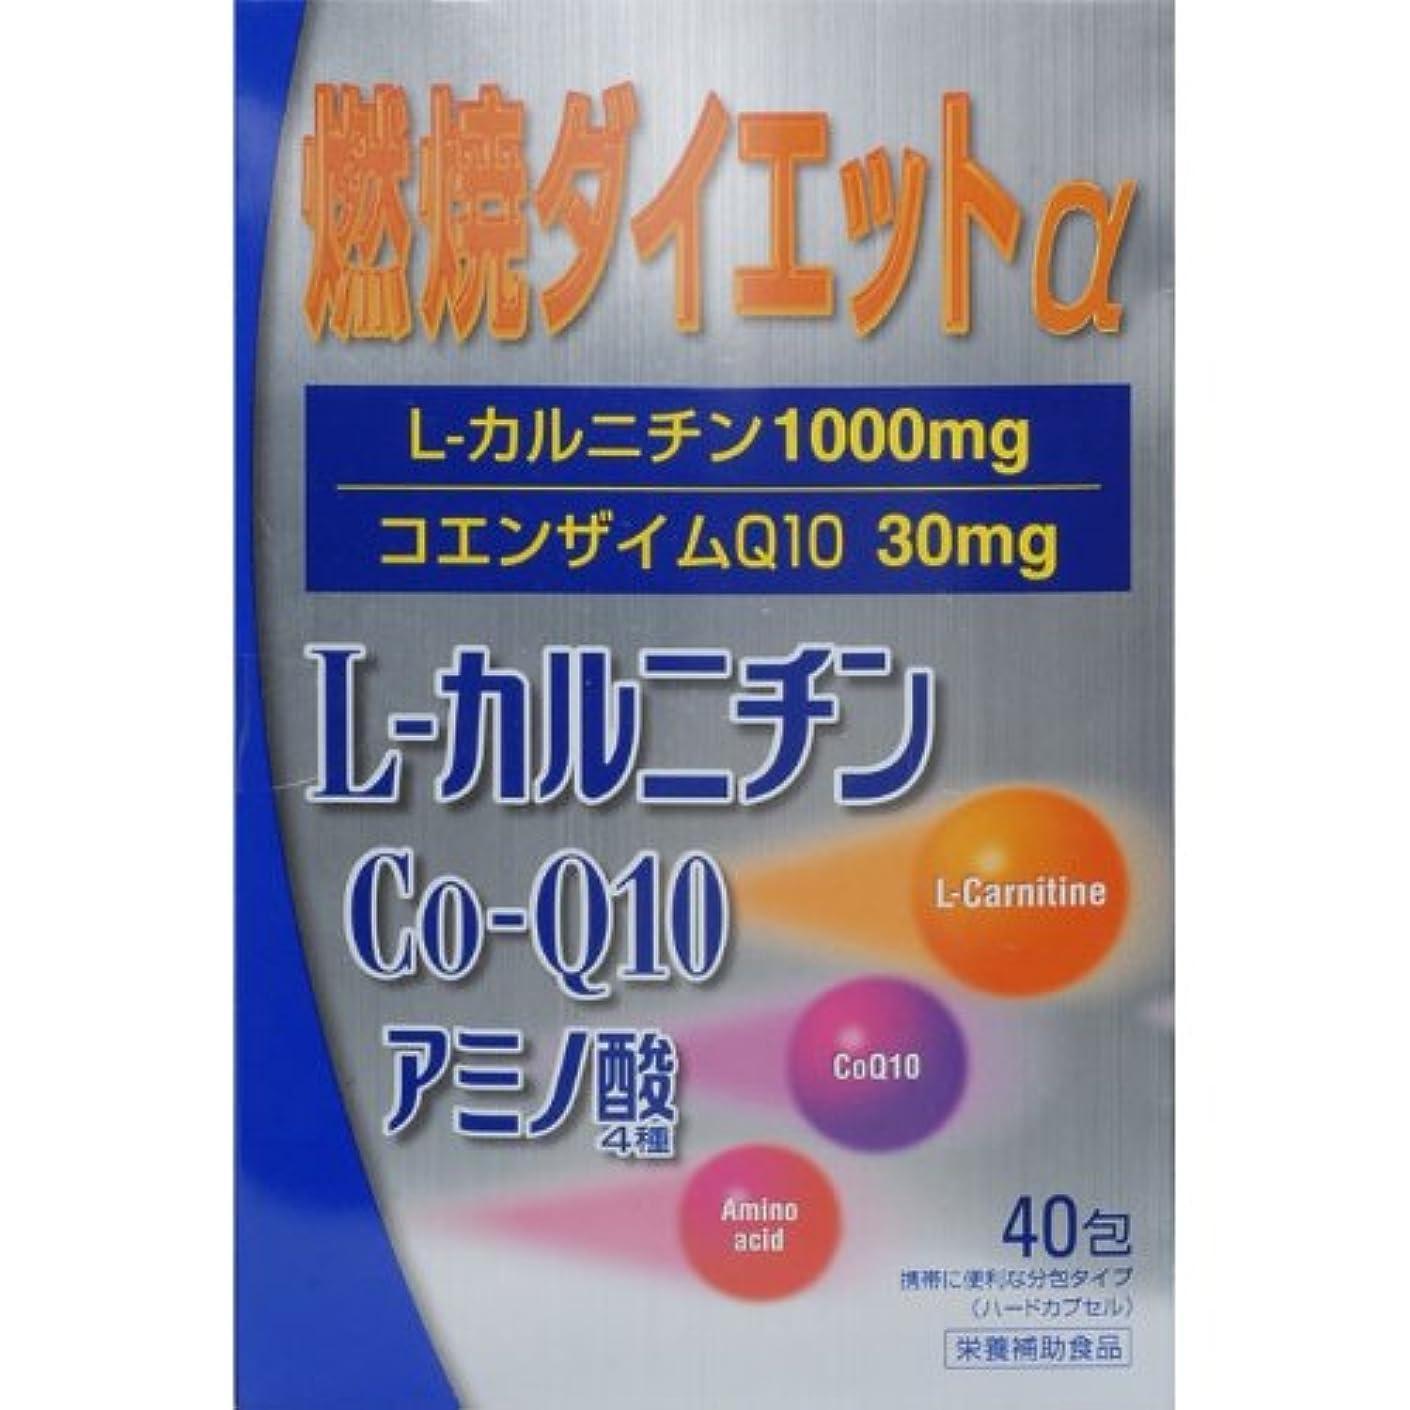 句読点永久に破裂燃焼ダイエットL‐カルニチンα 40包